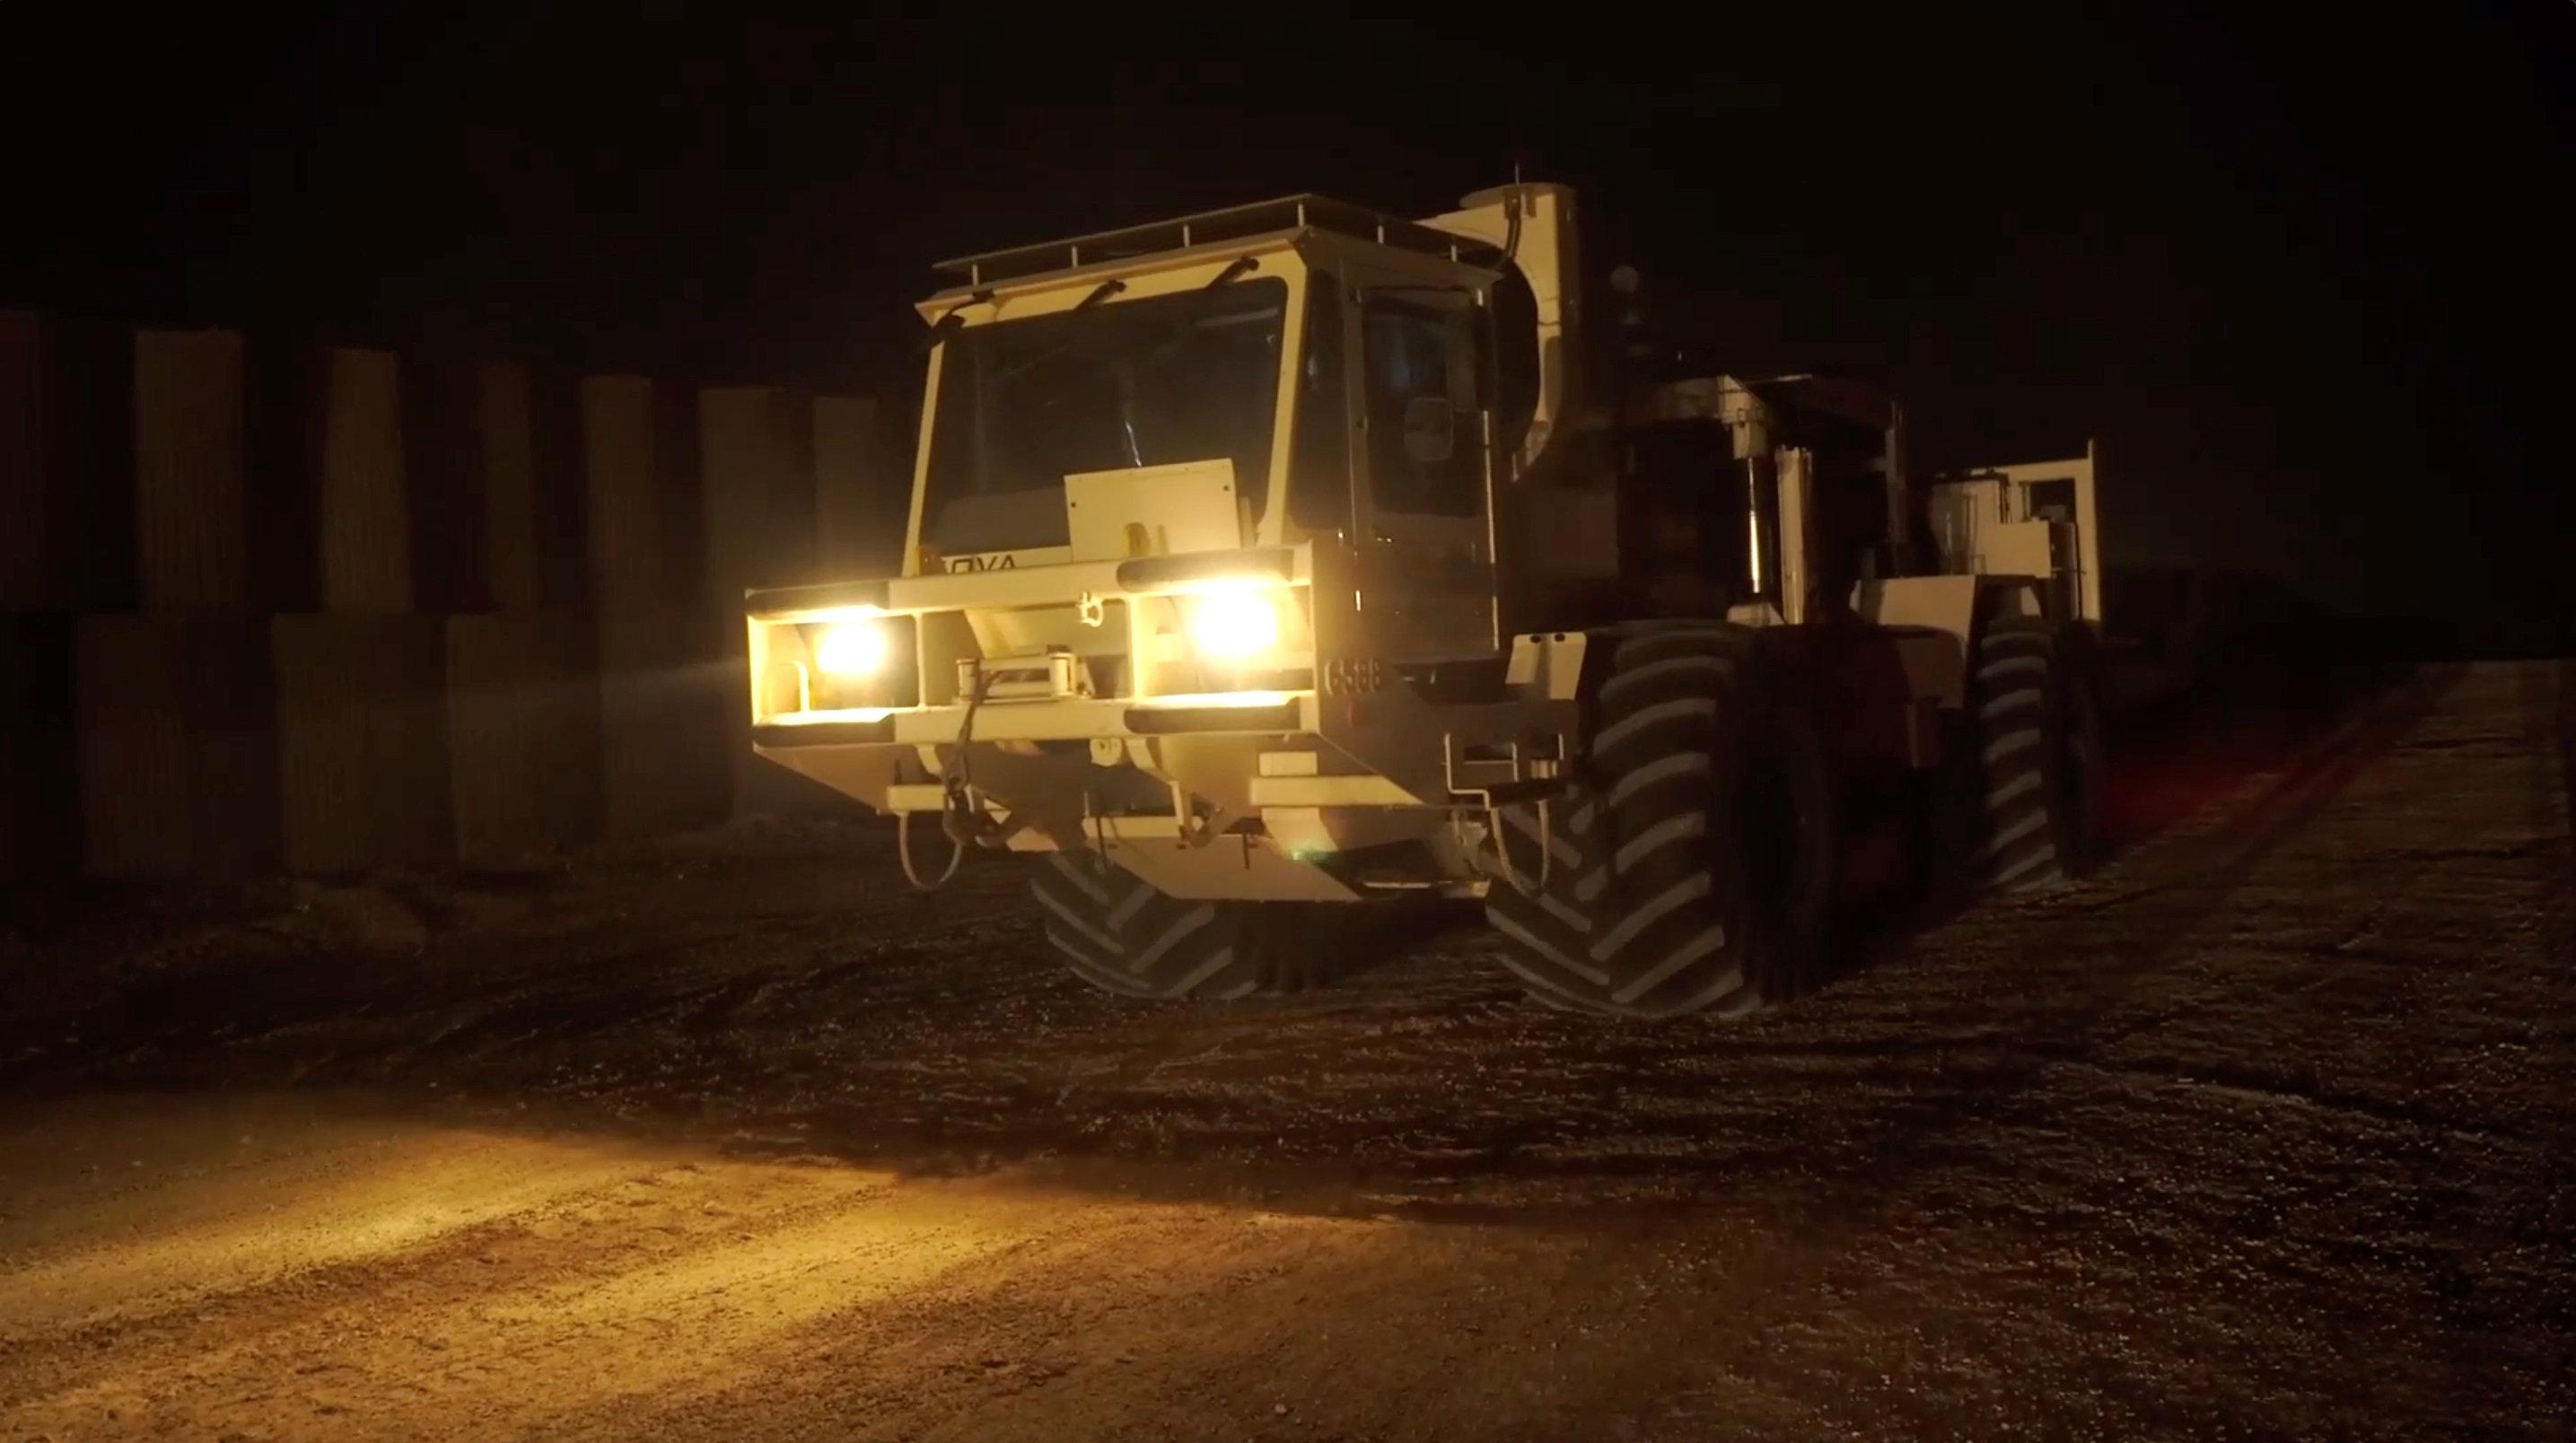 Una de las maquinarias usadas para la destrucción de túneles en un video difundido por la armada israelí (Portavoz de las Fuerzas de Defensa israelíes via REUTERS)